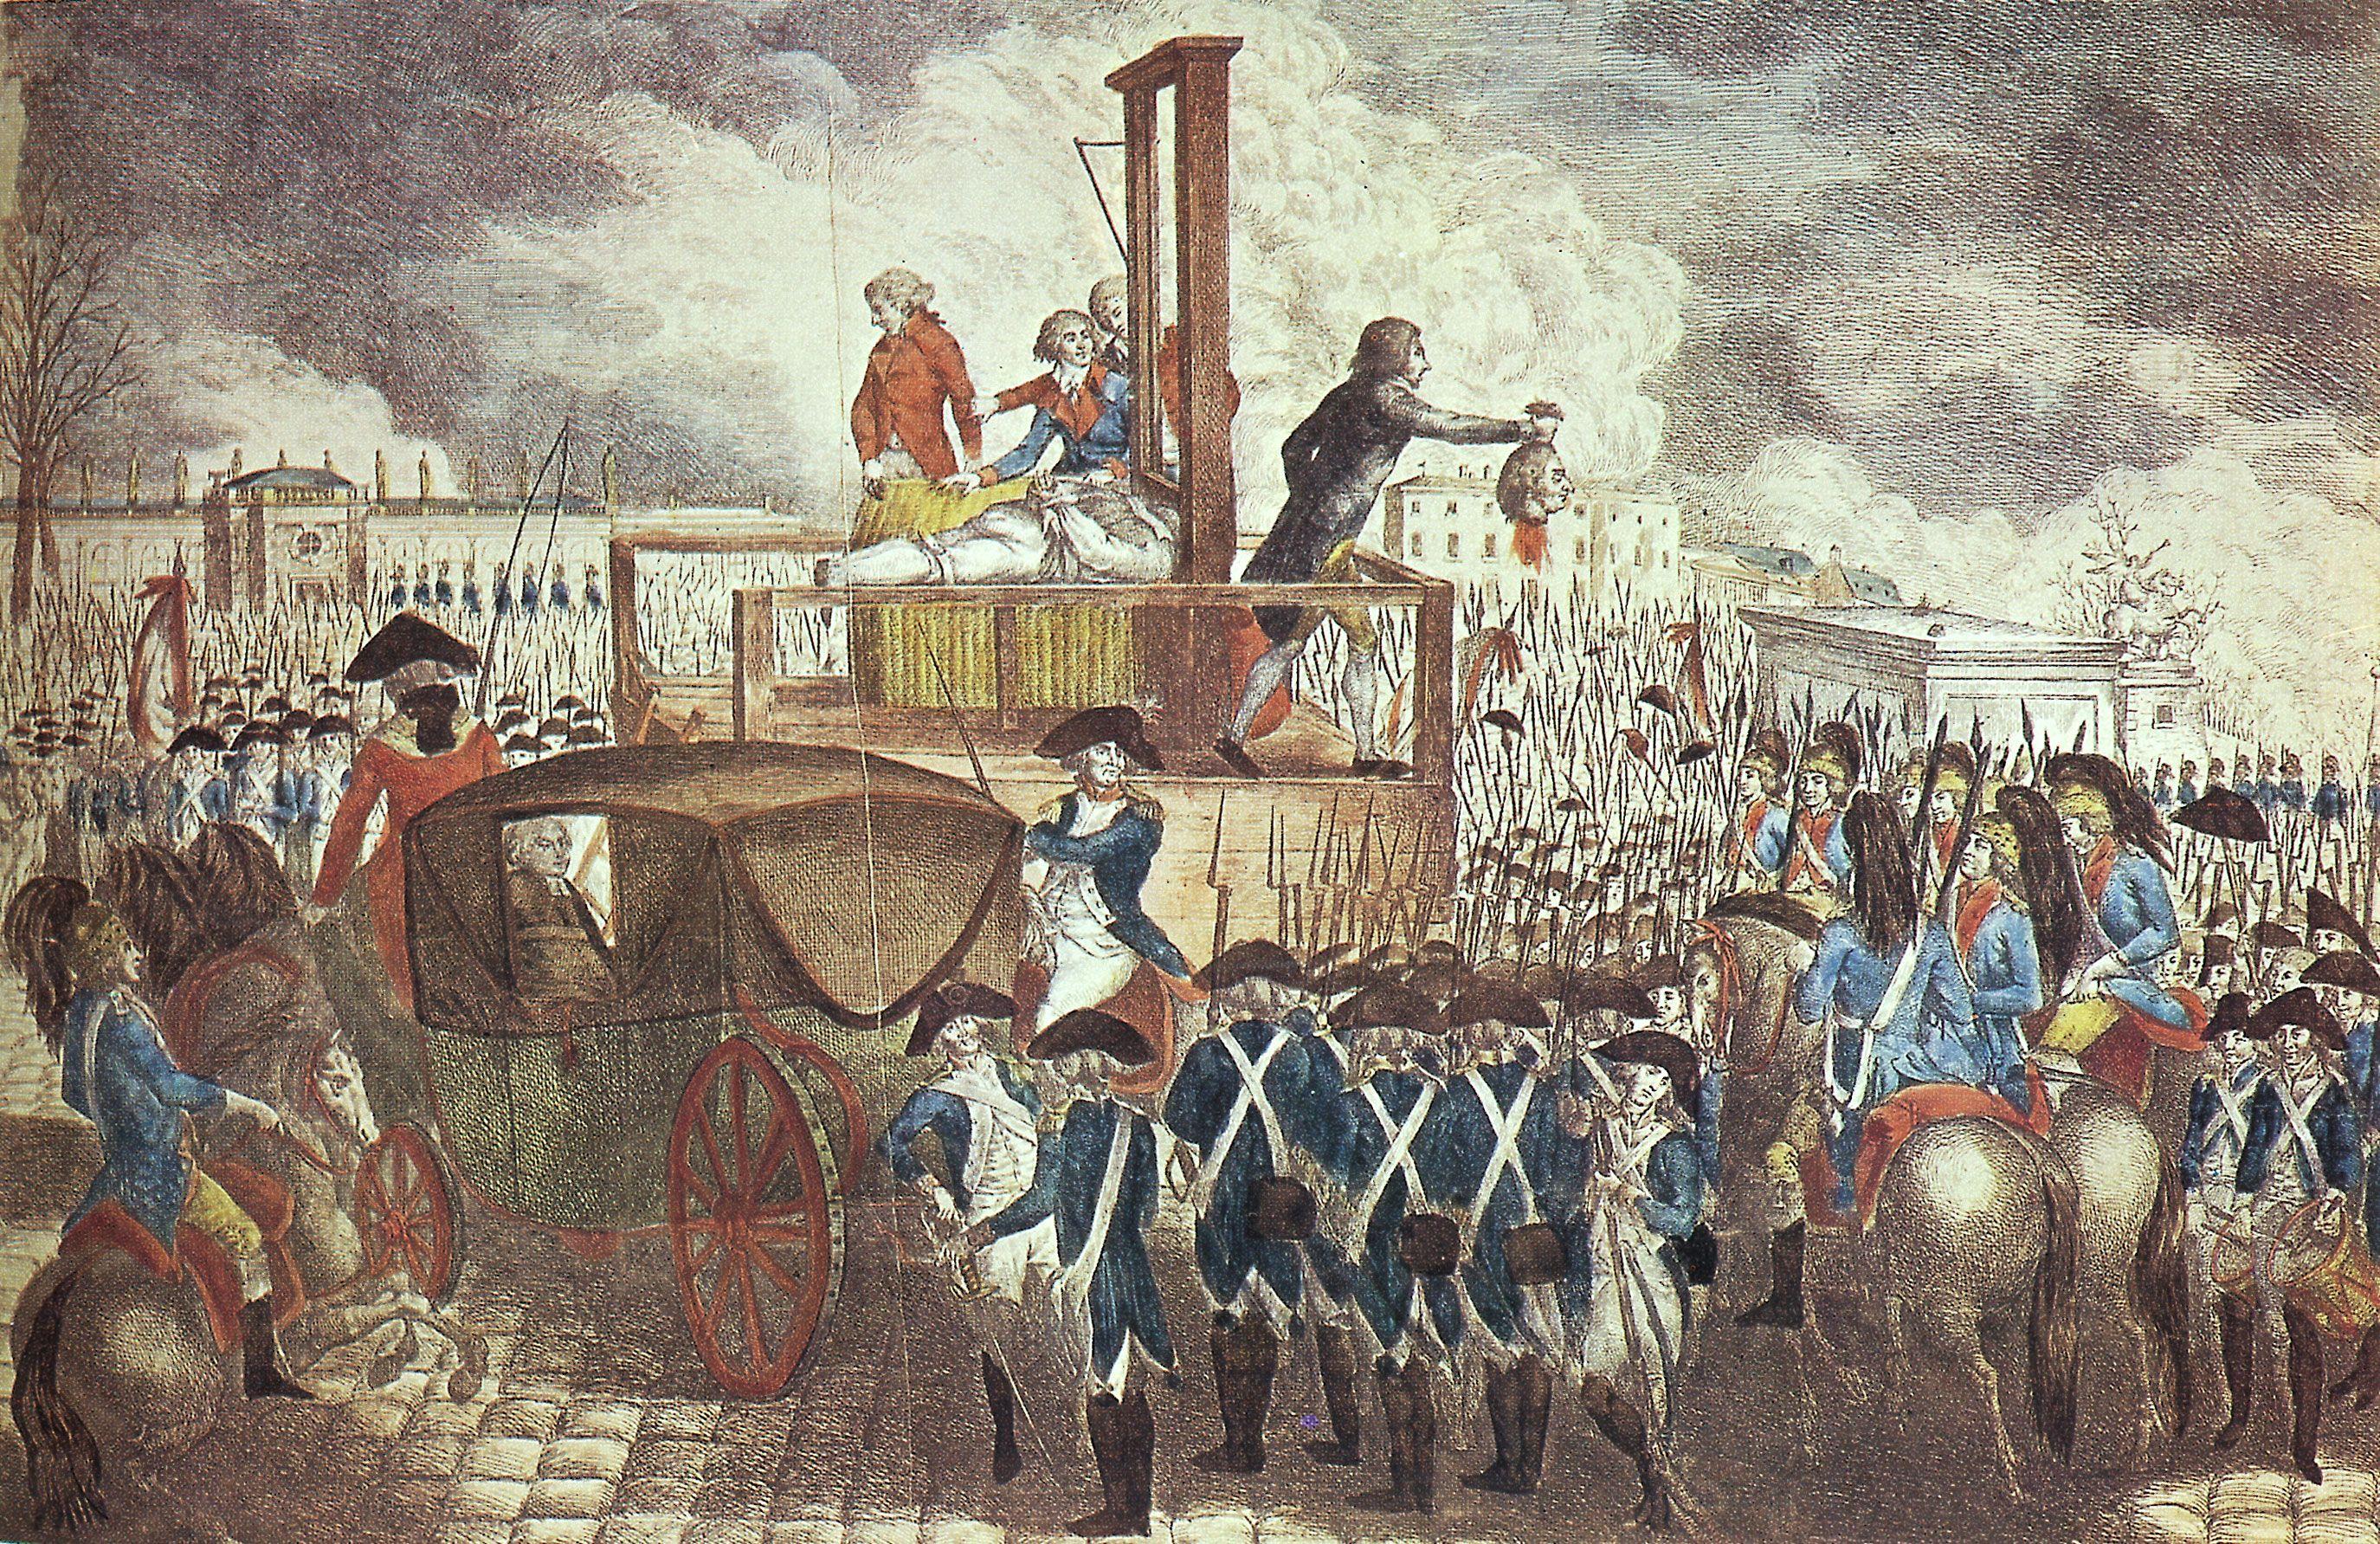 La Rivoluzione Francese ha provocato direttamente la morte di 500.000  esseri umani (più, in via consequenziale, 1.500.000 causati dalle guerre  napoleoniche)